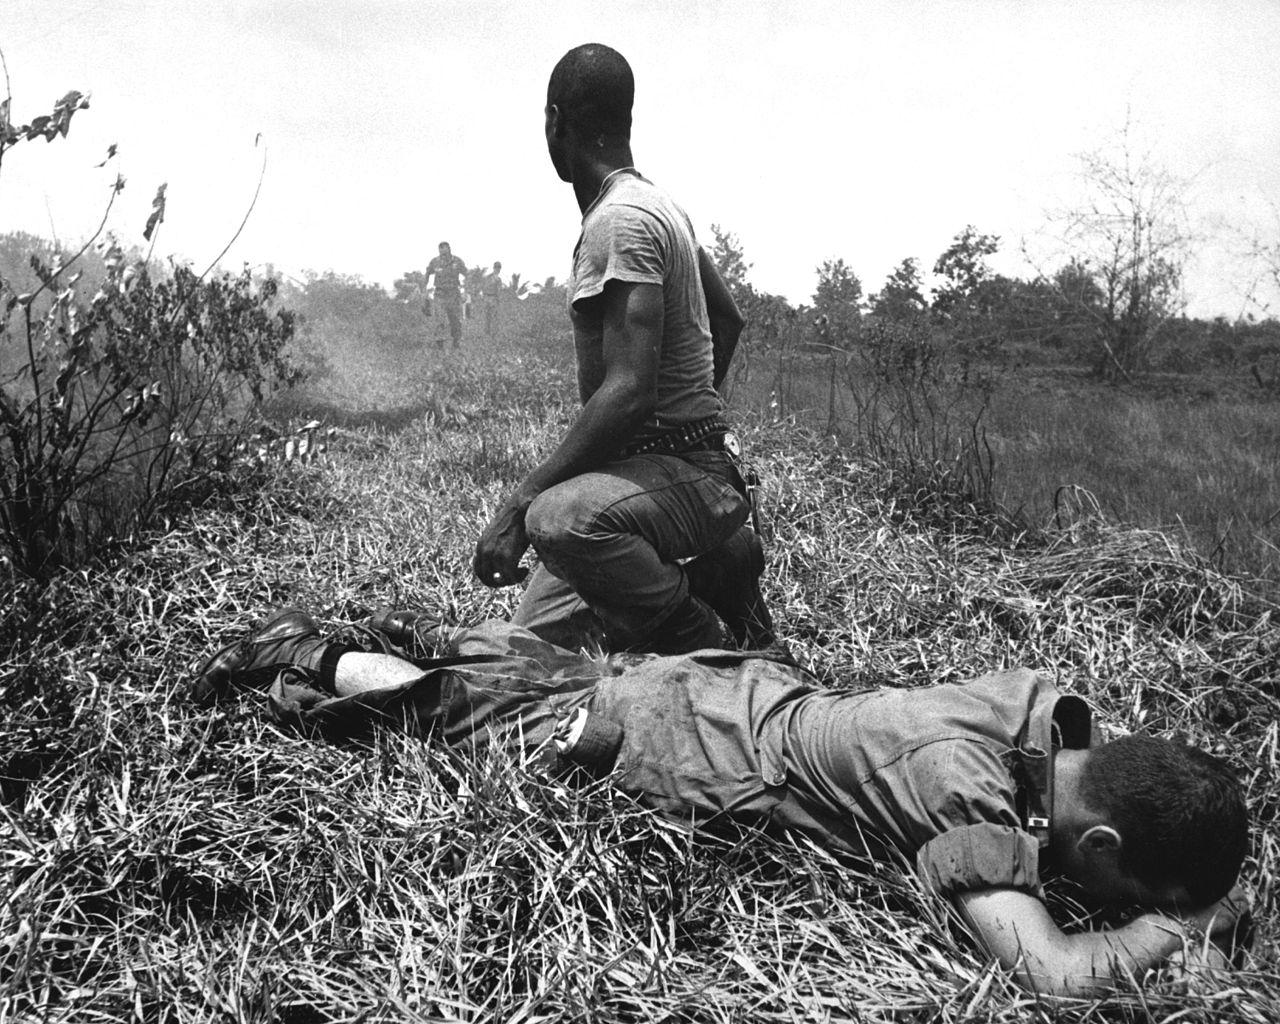 45 Años De La Retirada De Vietnam La Guerra Que Acomplejó A Los Estados Unidos